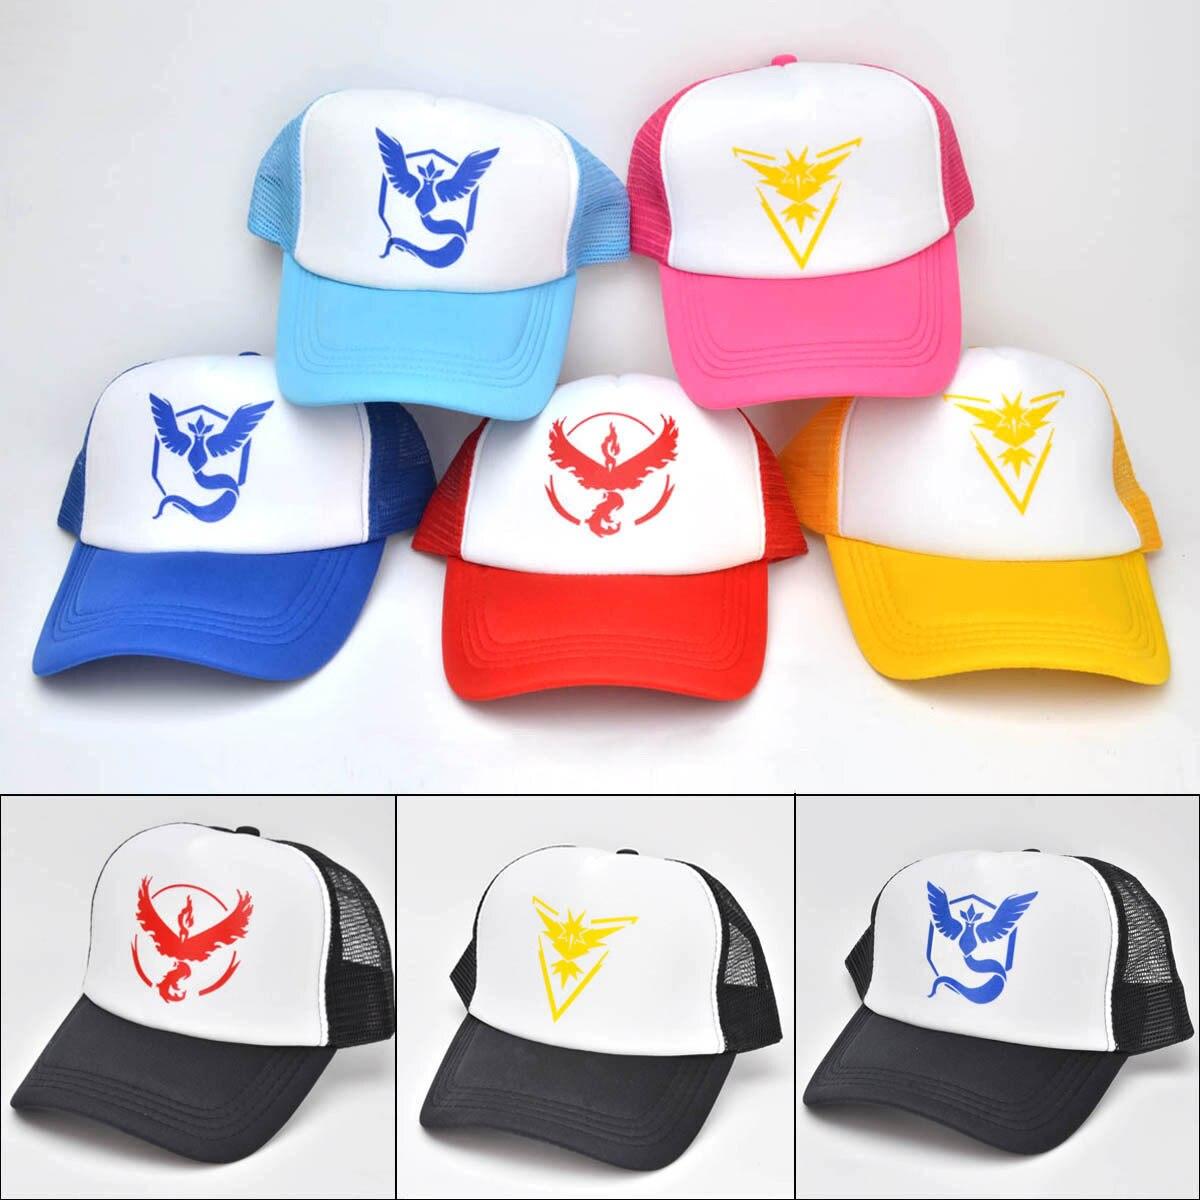 Hot Pokemon Go Team Baseball Hat Team  InstInct Valor Blue Yellow Red Embroider Cap Outdoor Visor Strapback snapback